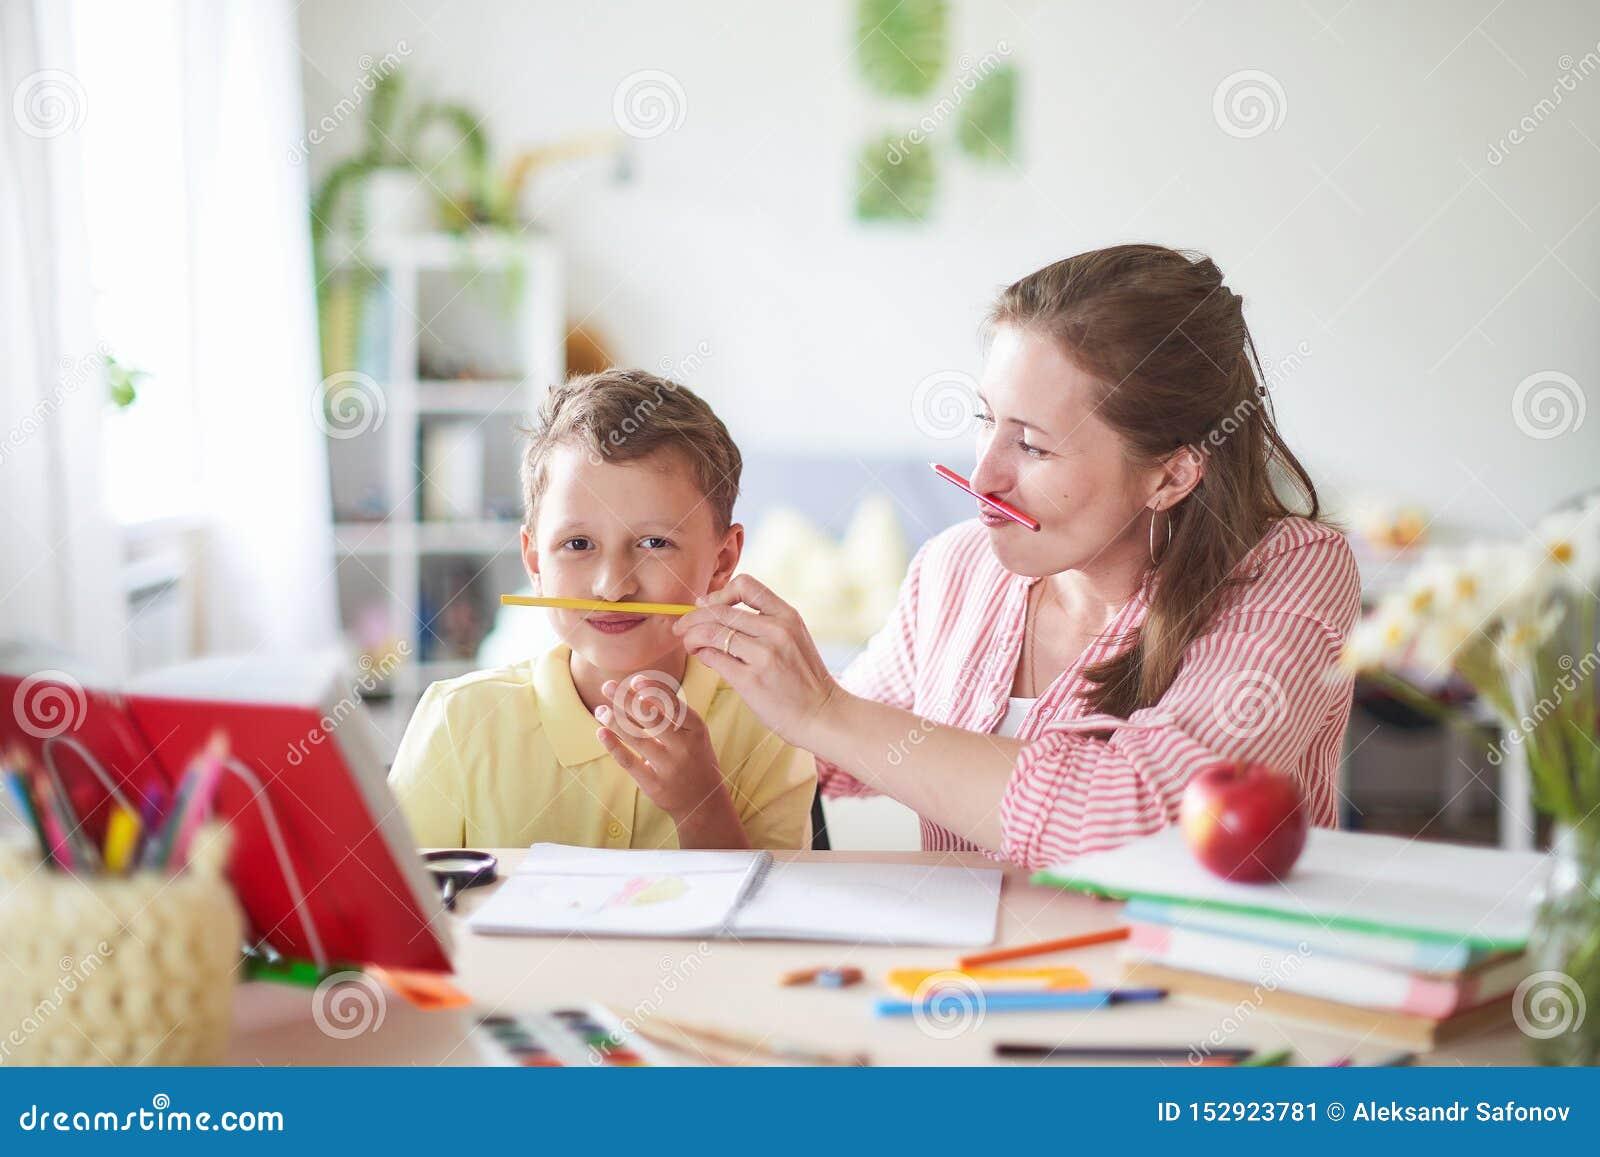 Matek pomocy syn robić lekcjom domowy uczyć kogoś, domowe lekcje kobieta angażuje z dzieckiem, sprawdza pracę robić _